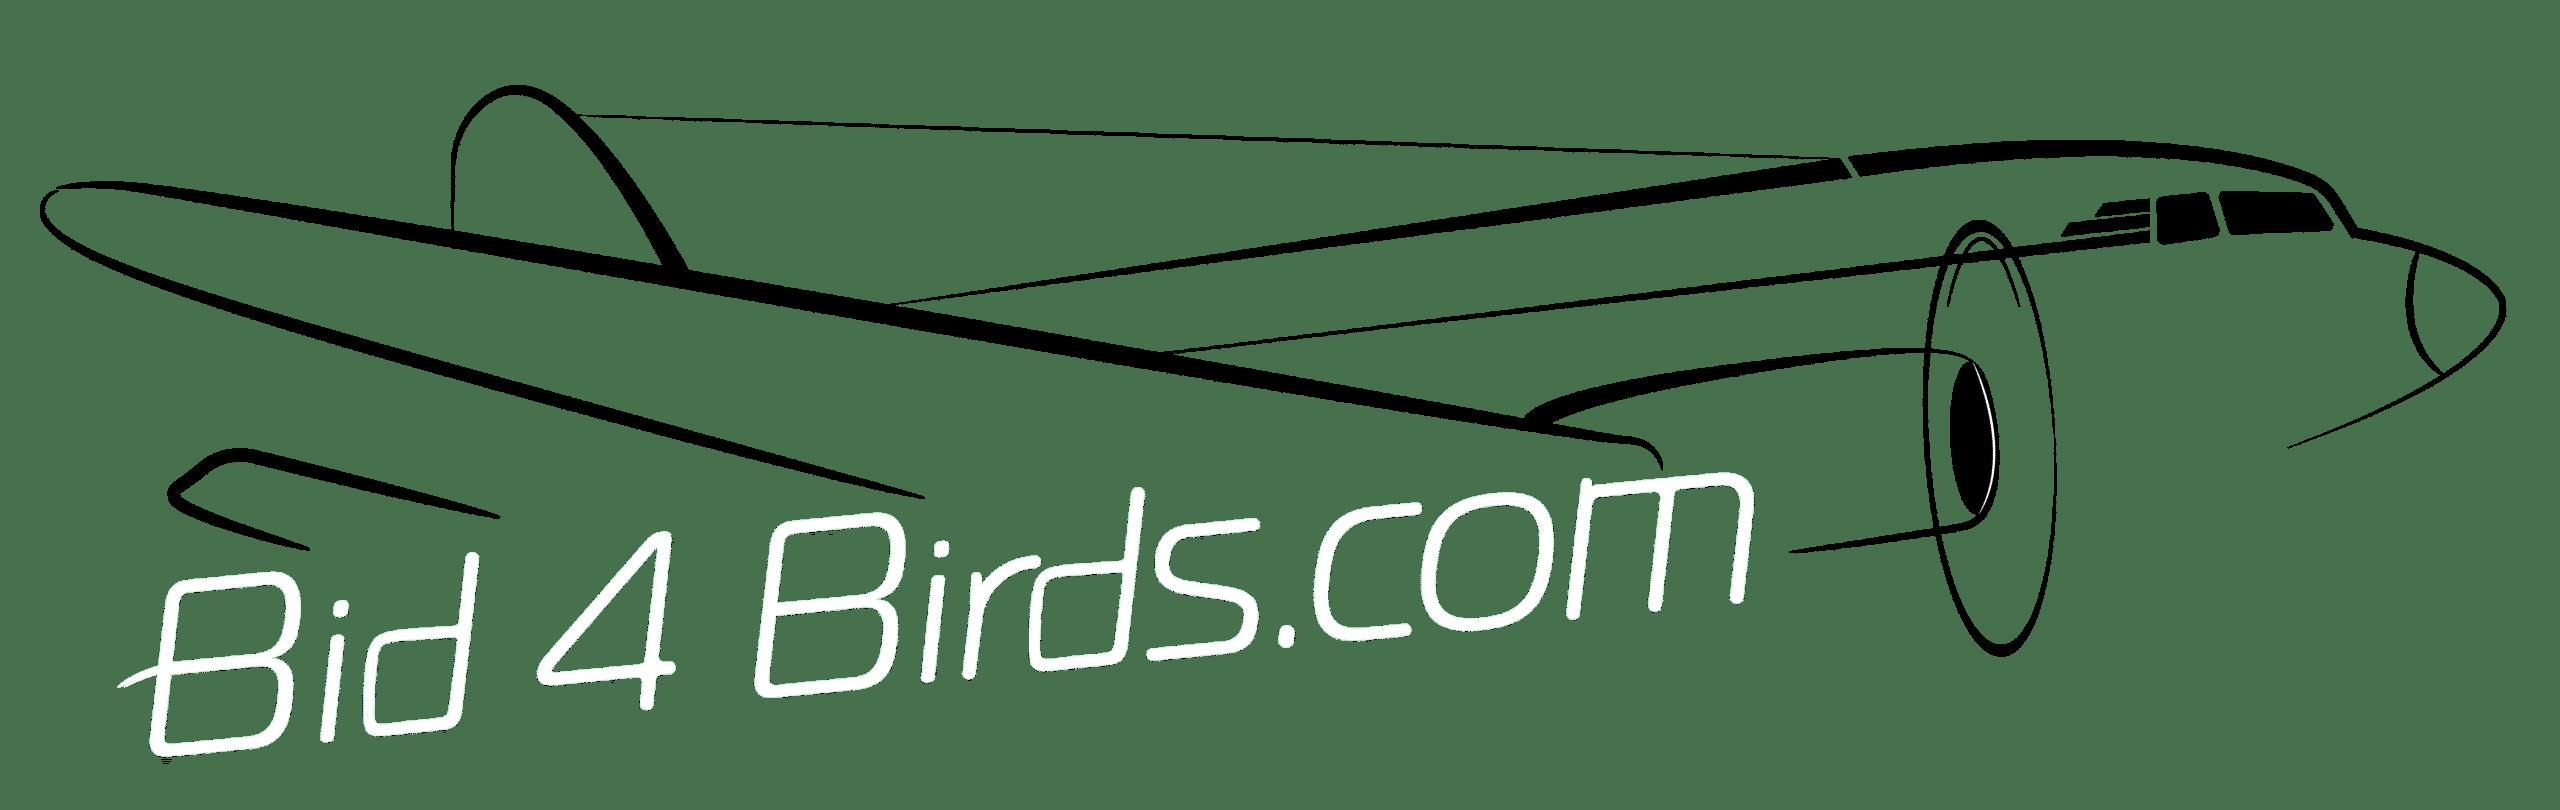 Bid4Birds